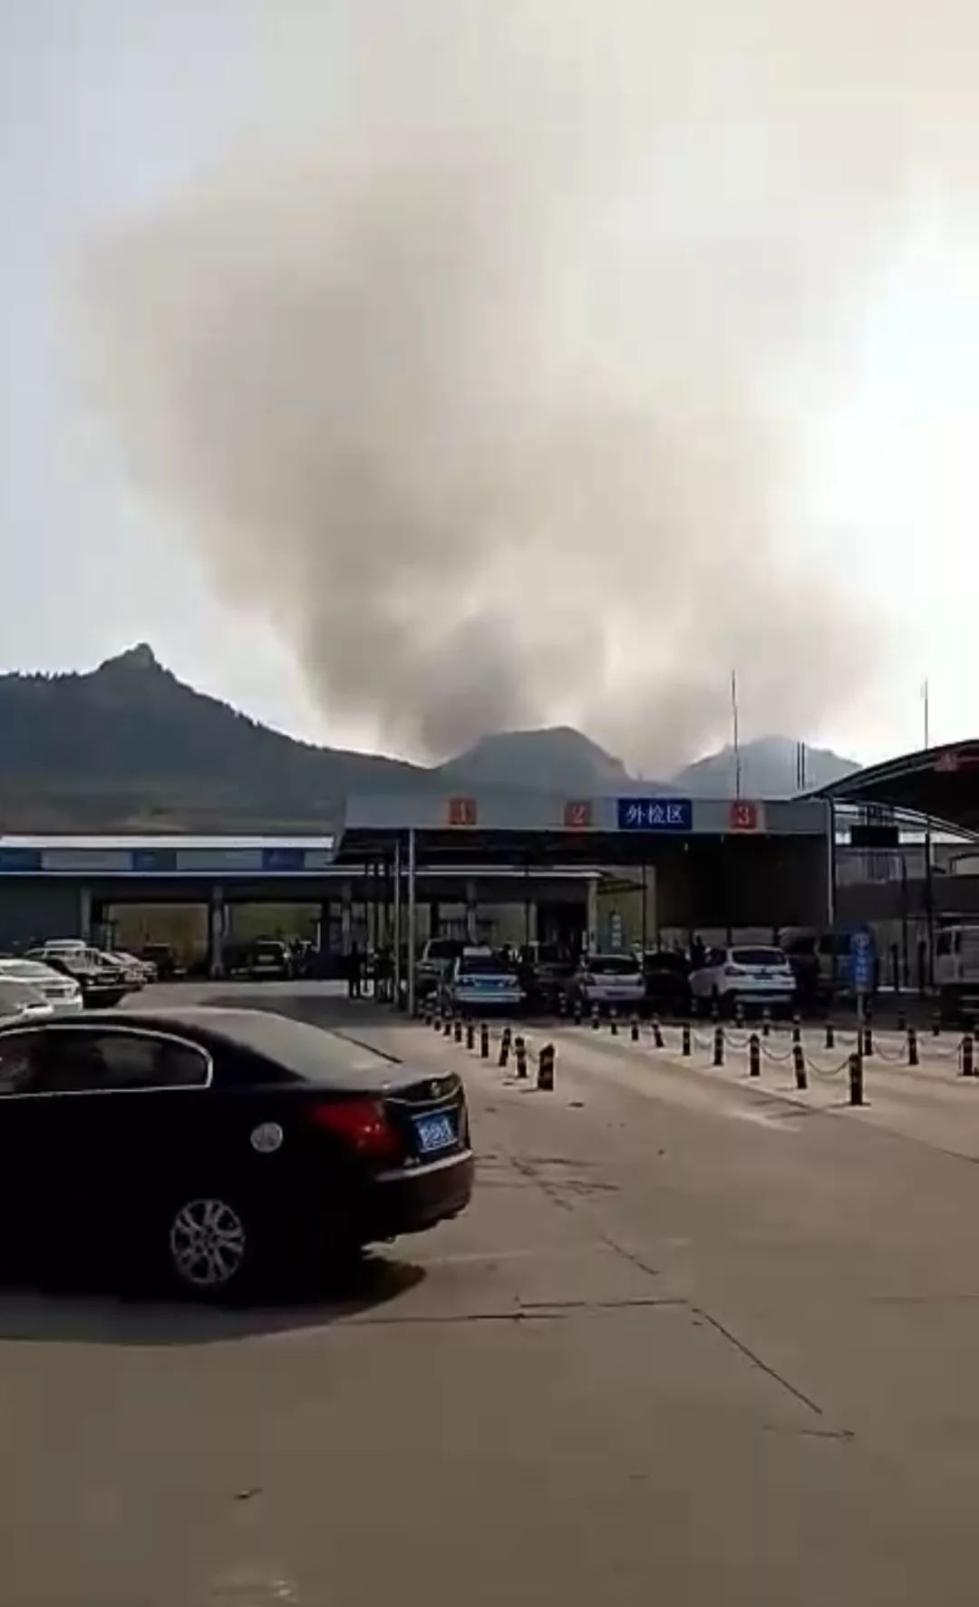 刚刚,济南、青岛两地突发山火!现场浓烟滚滚!